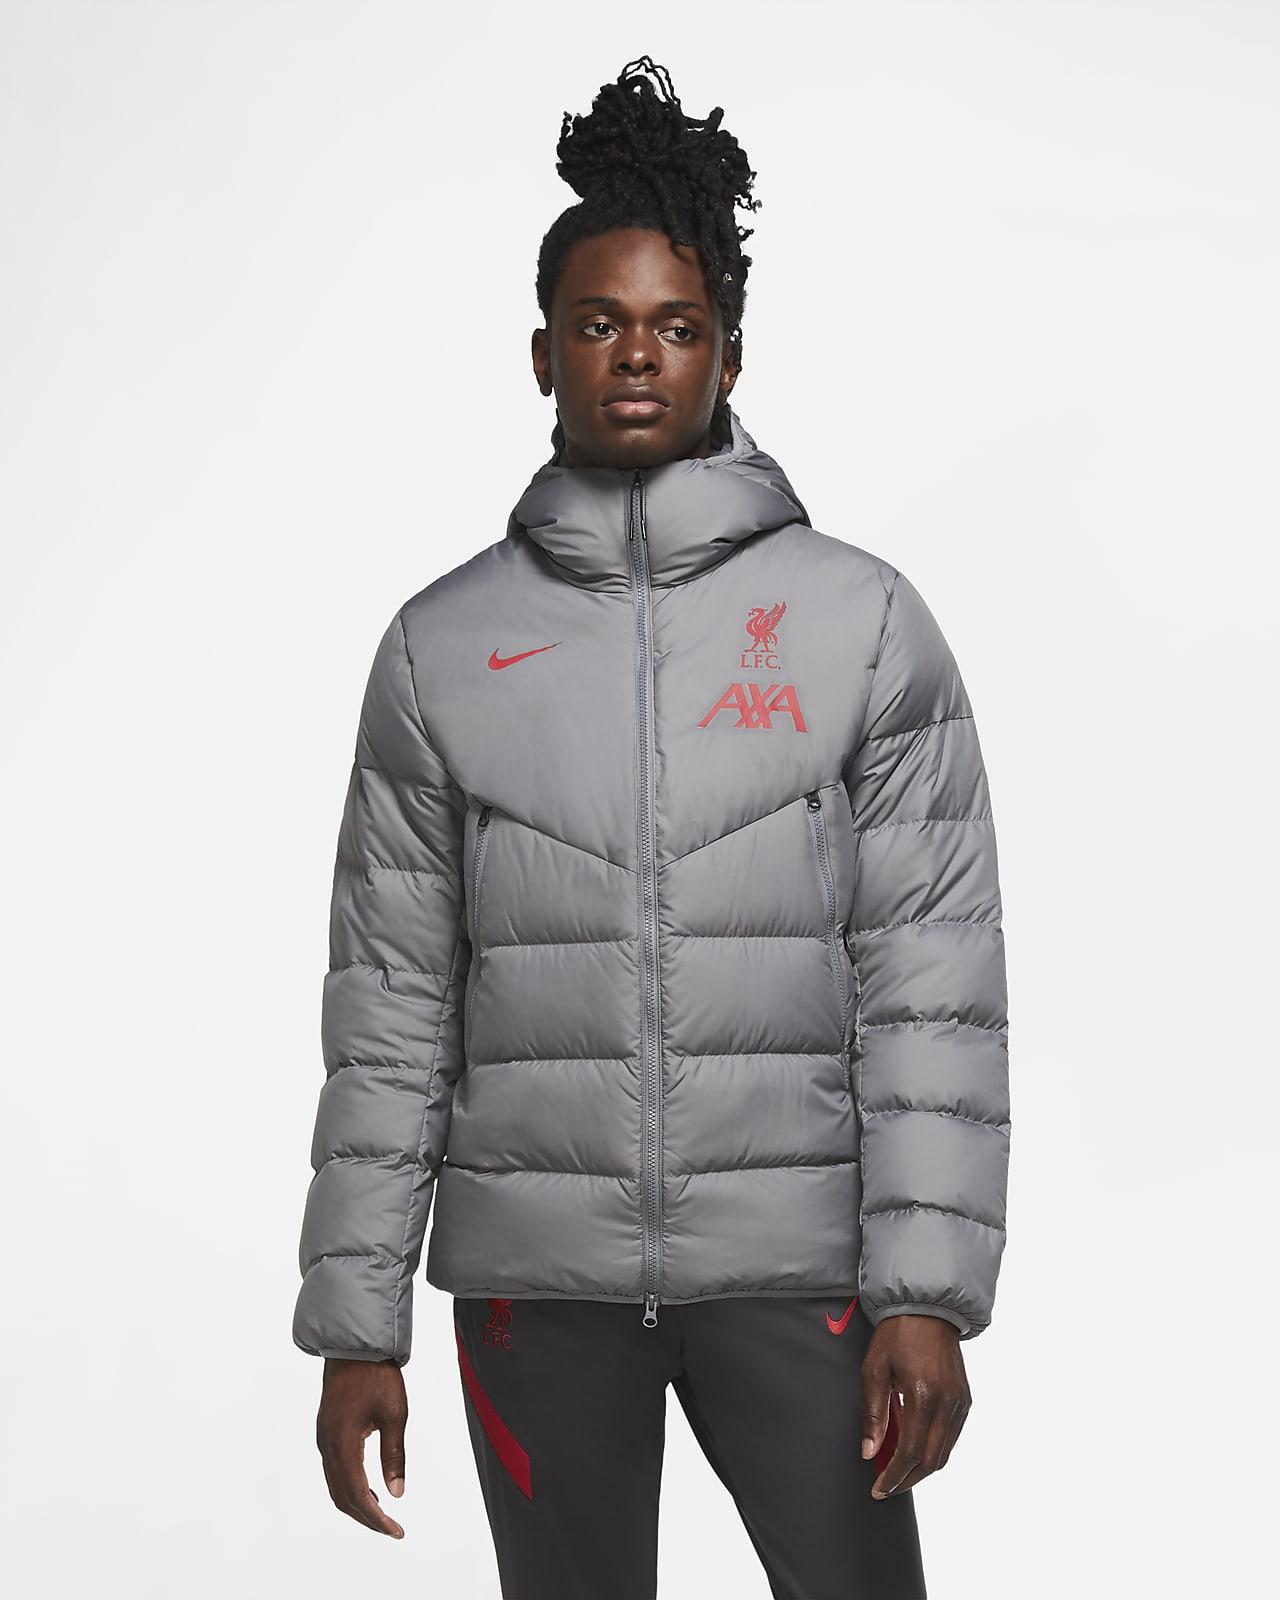 Liverpool F.C. Strike Men's Down-Fill Football Jacket